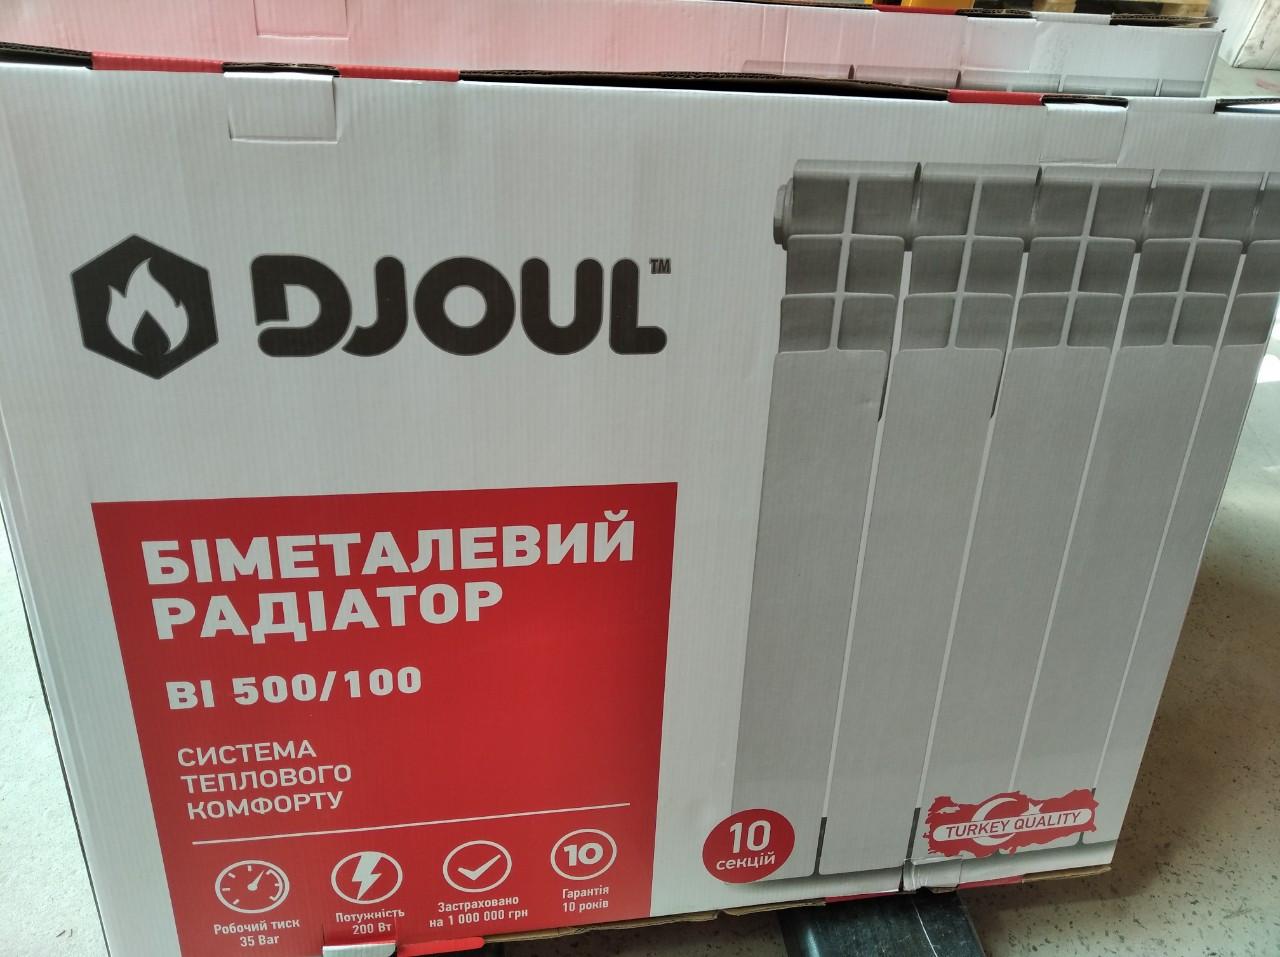 Радиатор биметаллический Djoul 500/96